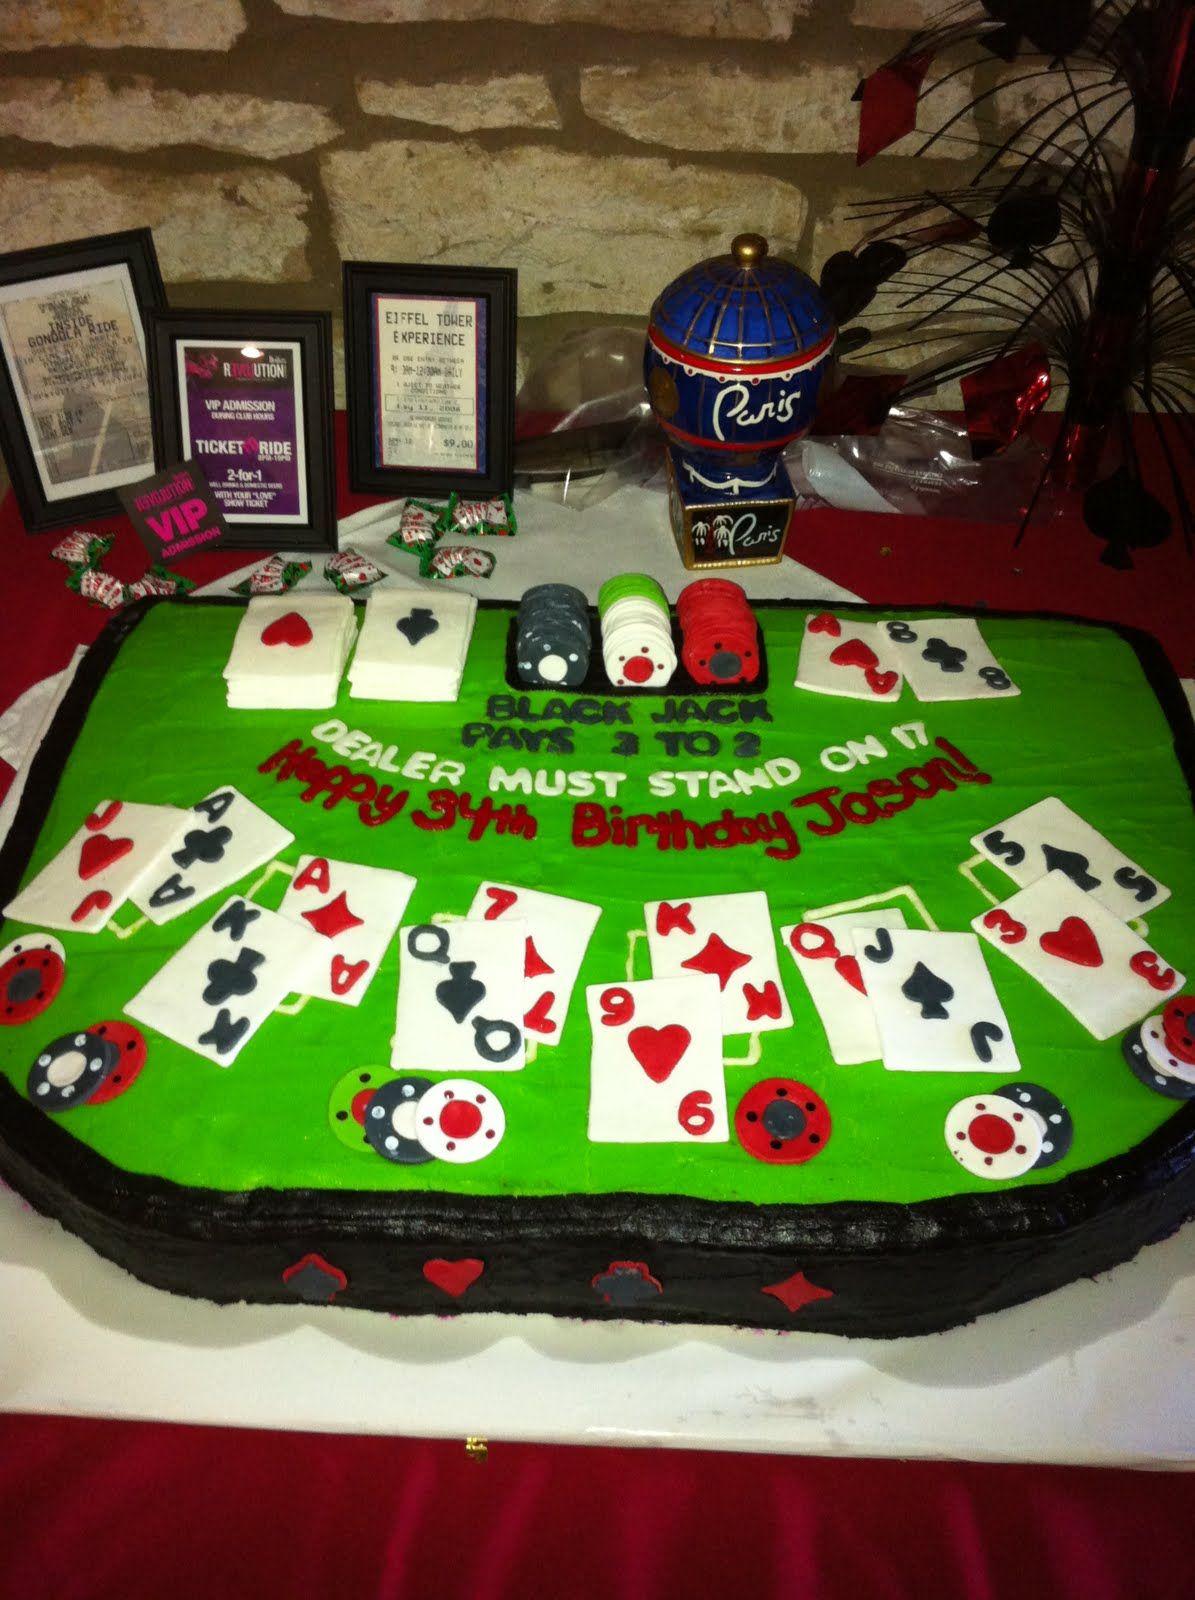 Blackjack cake casino cakes poker casino night food